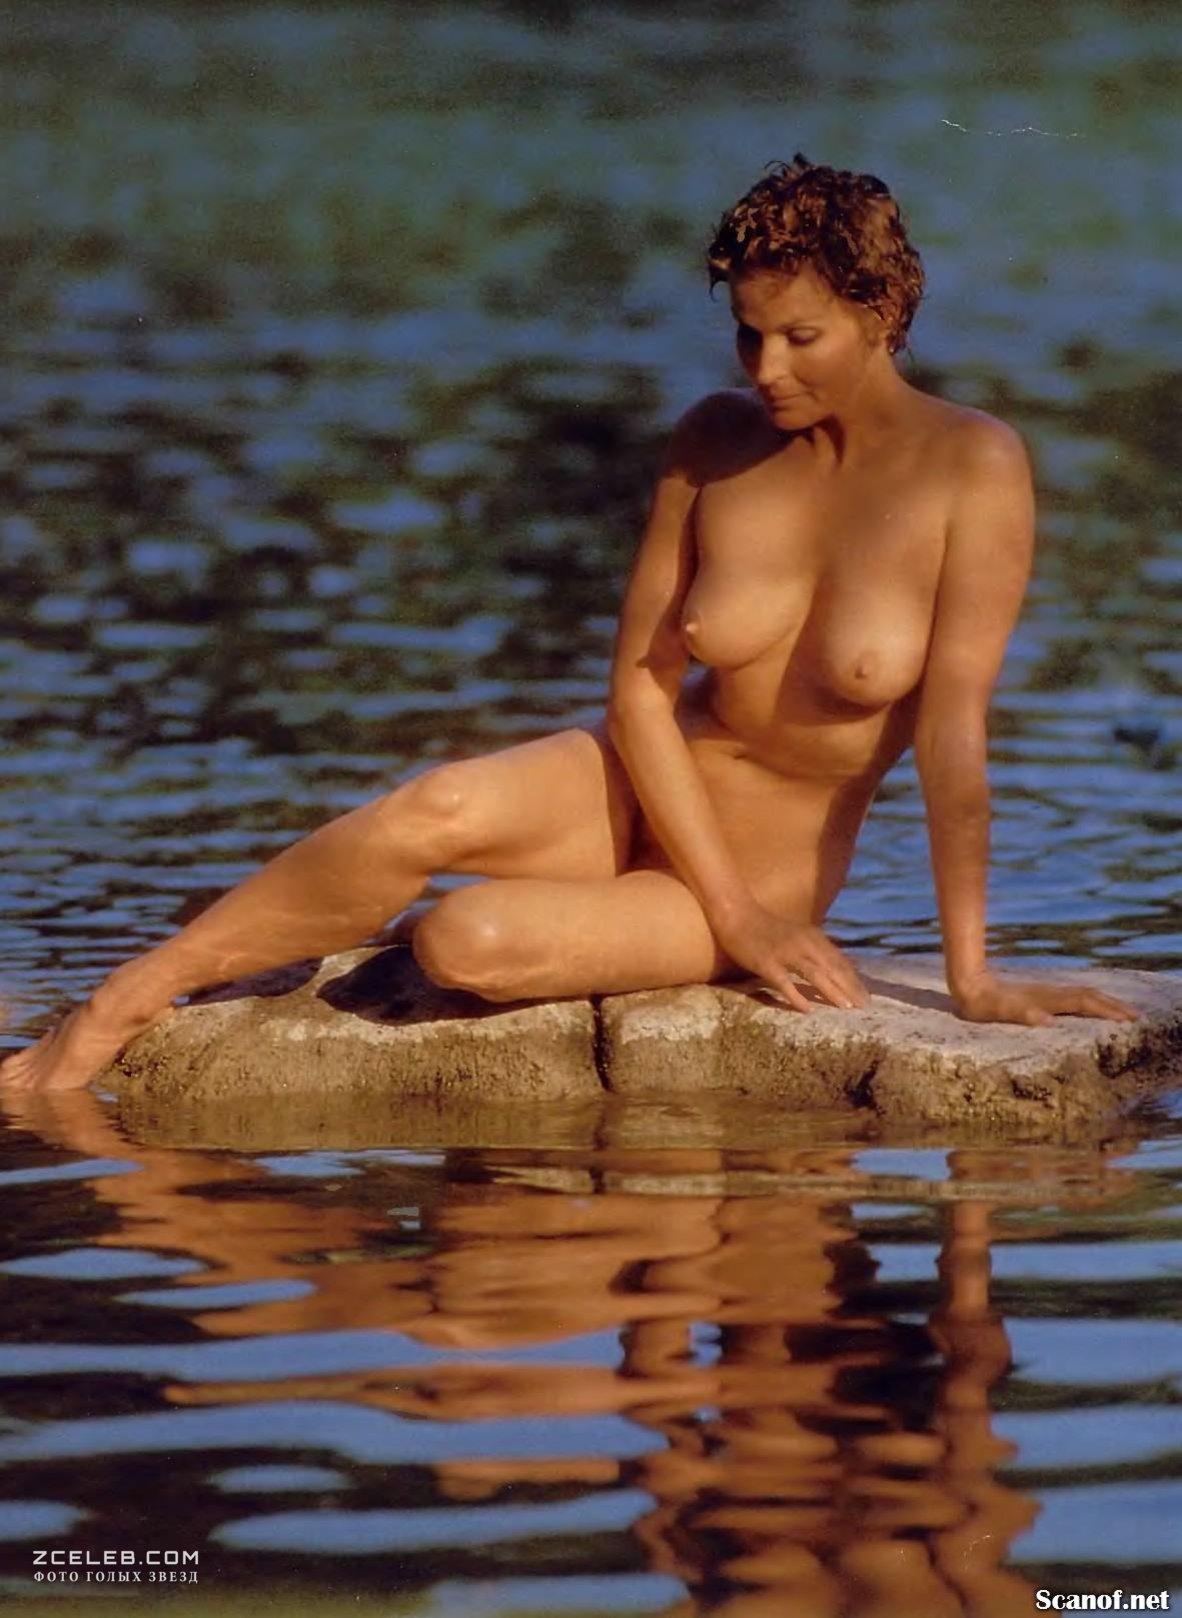 Bo derek in playboy nude pics — img 1